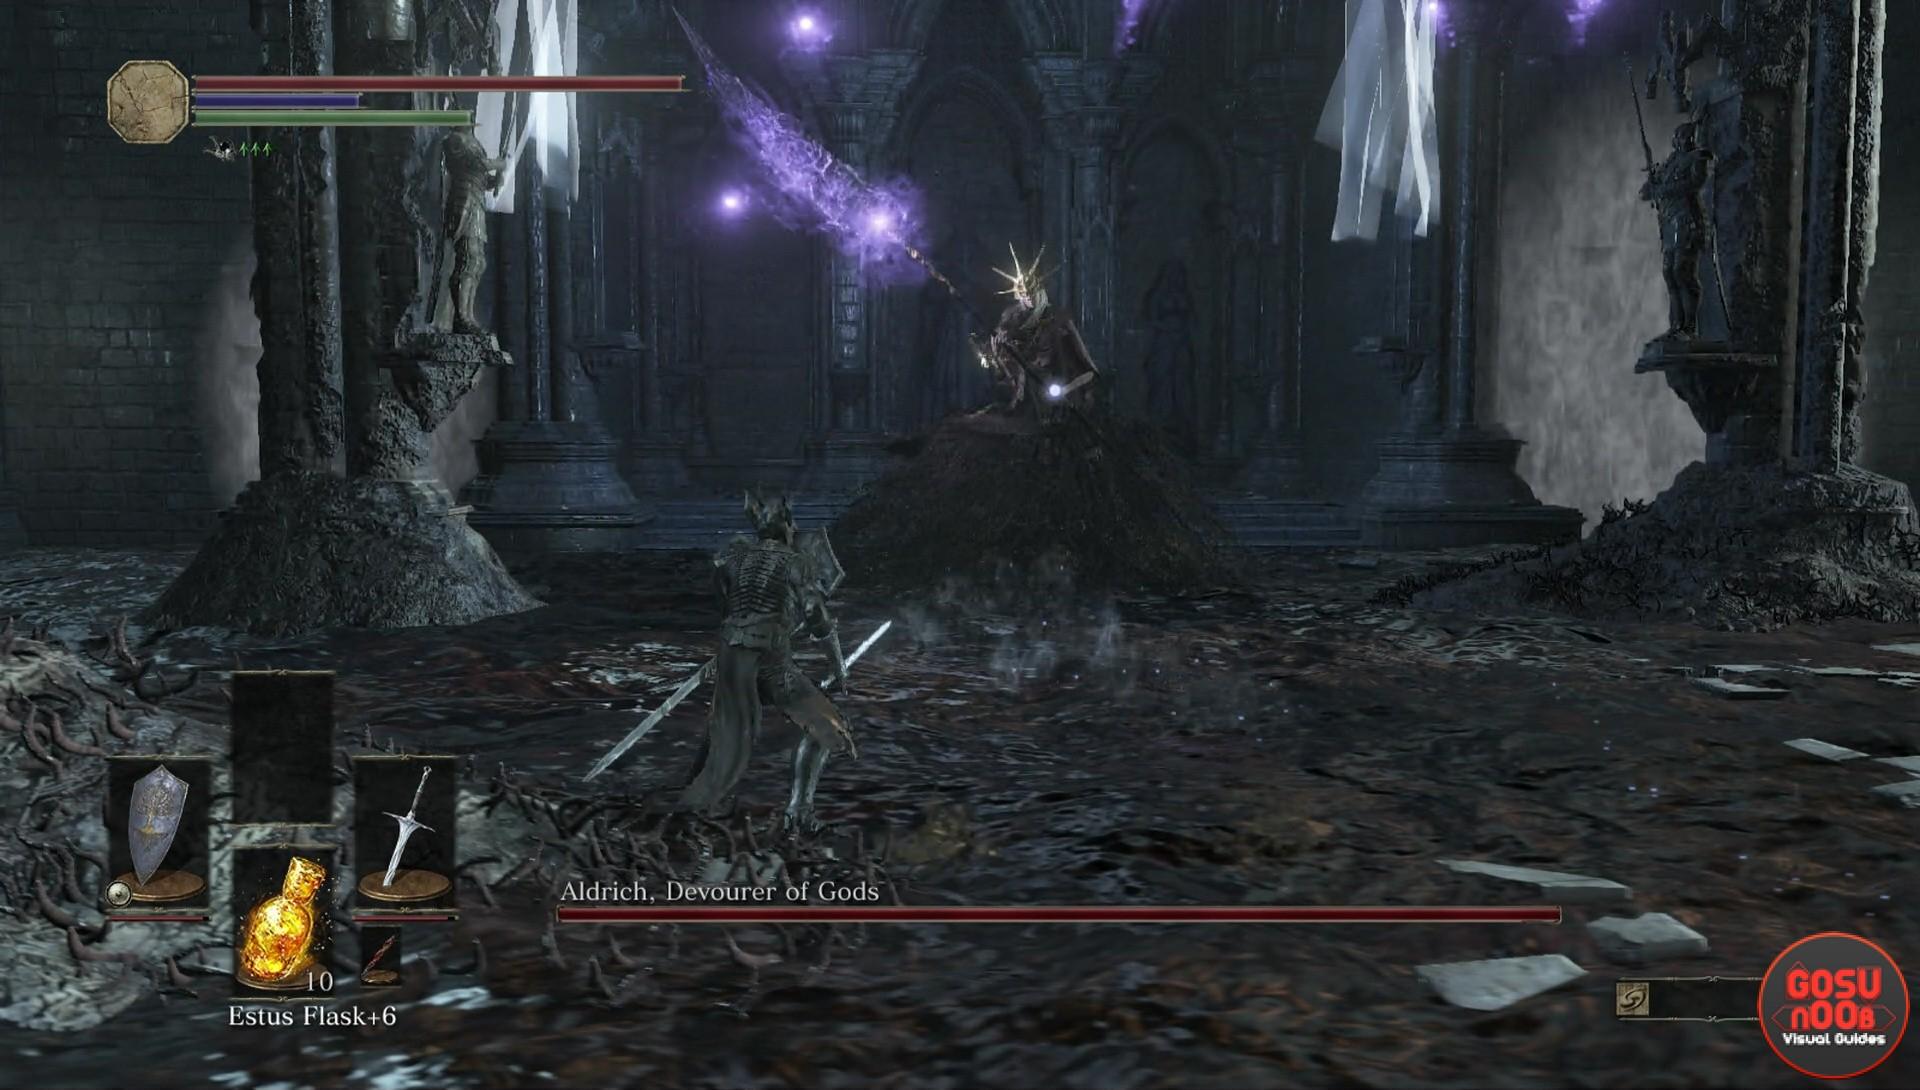 aldrich devourer of gods dark souls 3 gosu noob